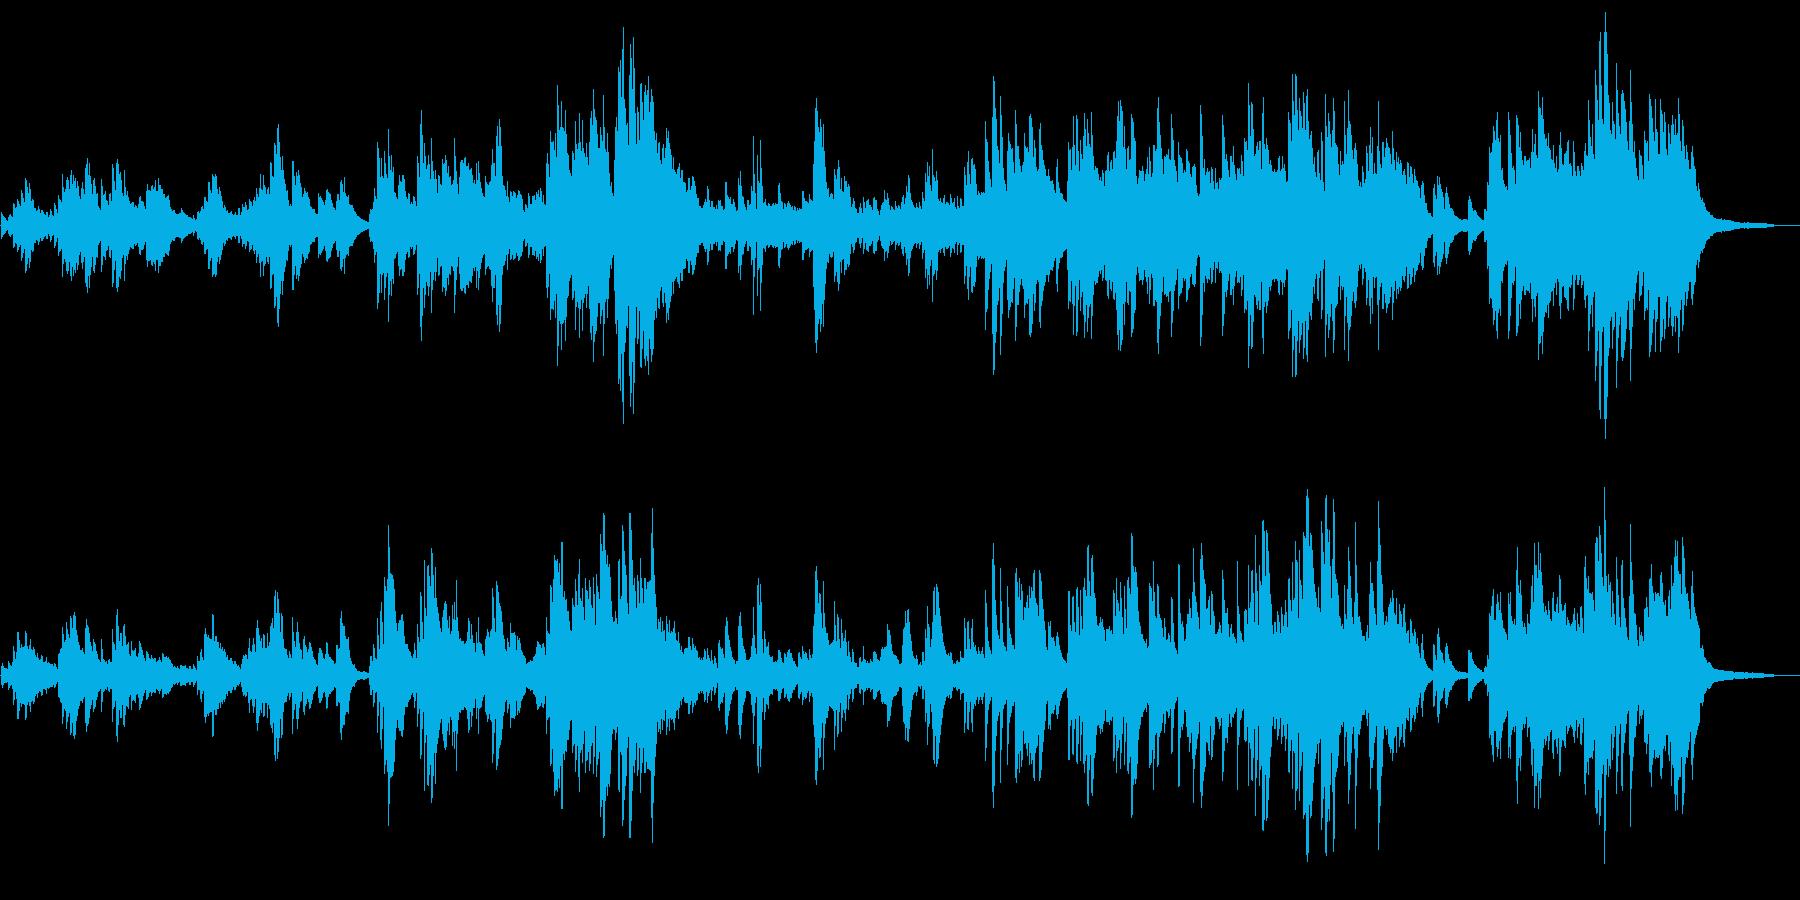 ノスタルジックで物哀しい ピアノソロの再生済みの波形